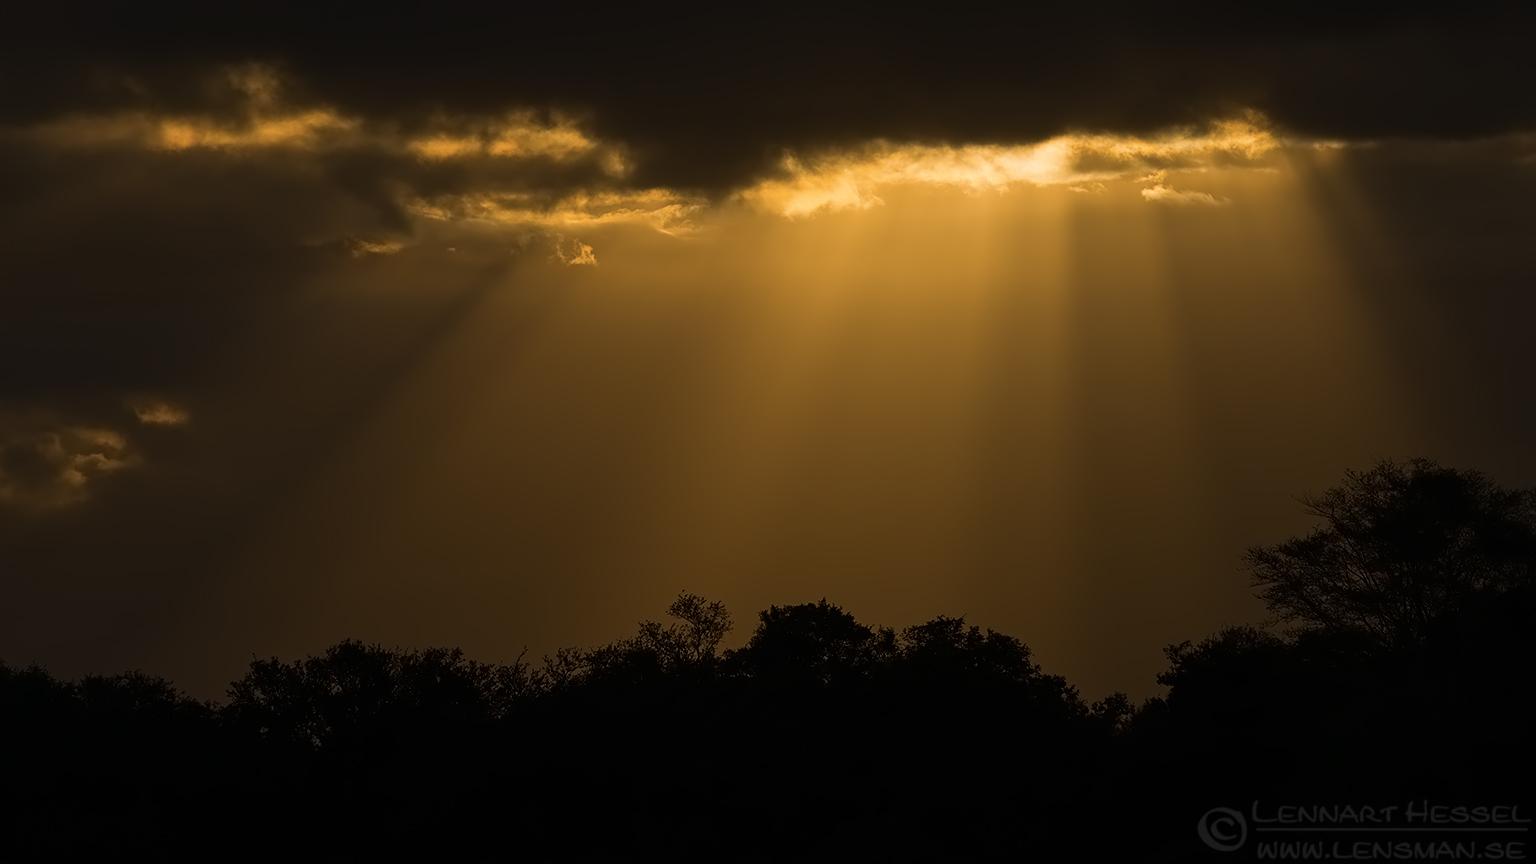 Sunset Kruger National Park South Africa